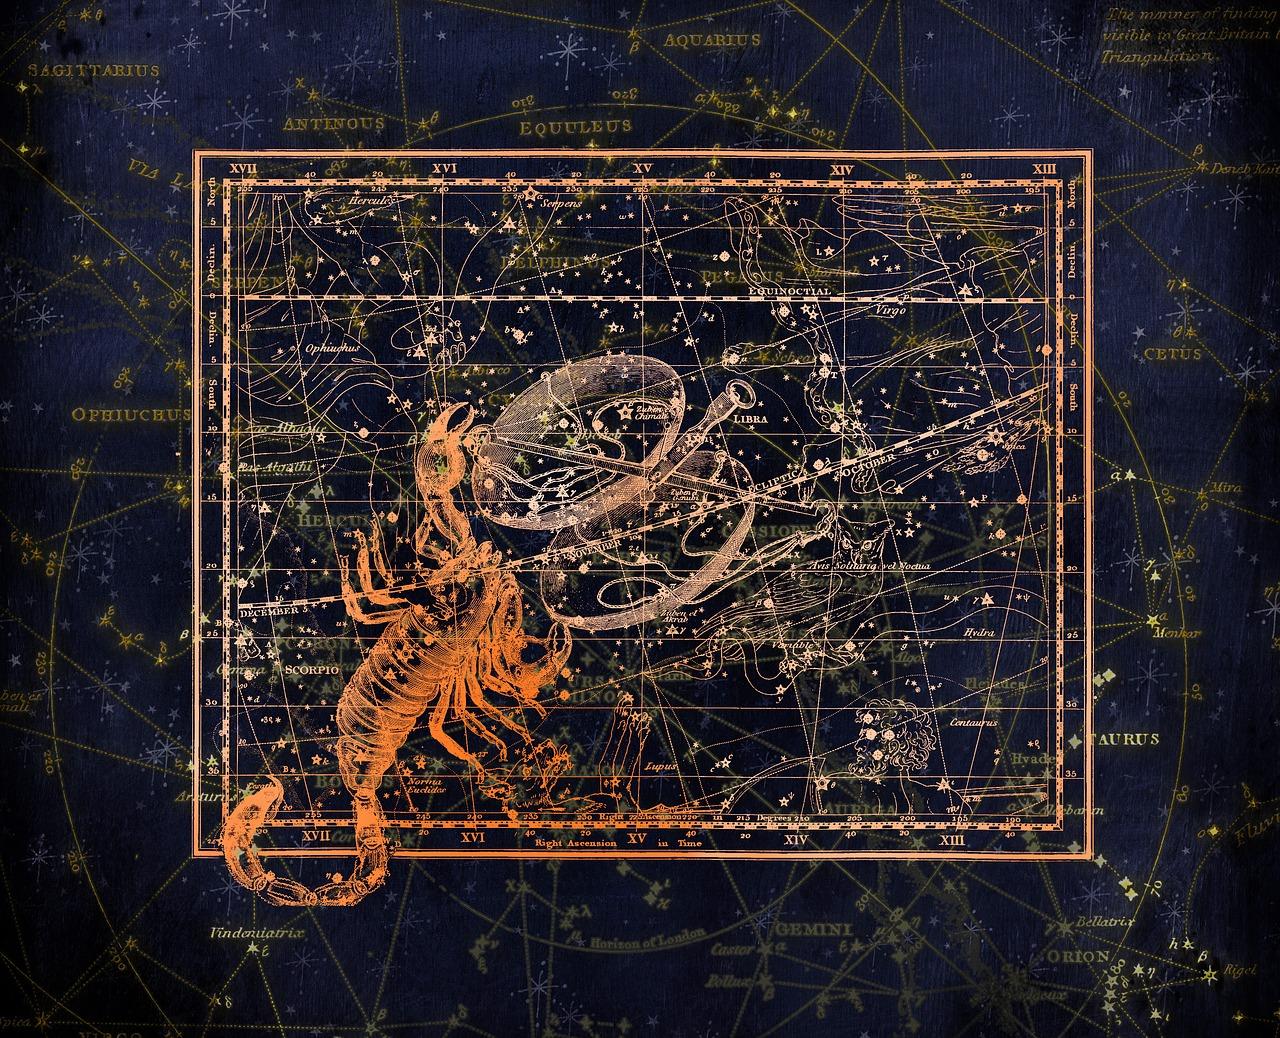 Везни и Скорпион - звездна карта